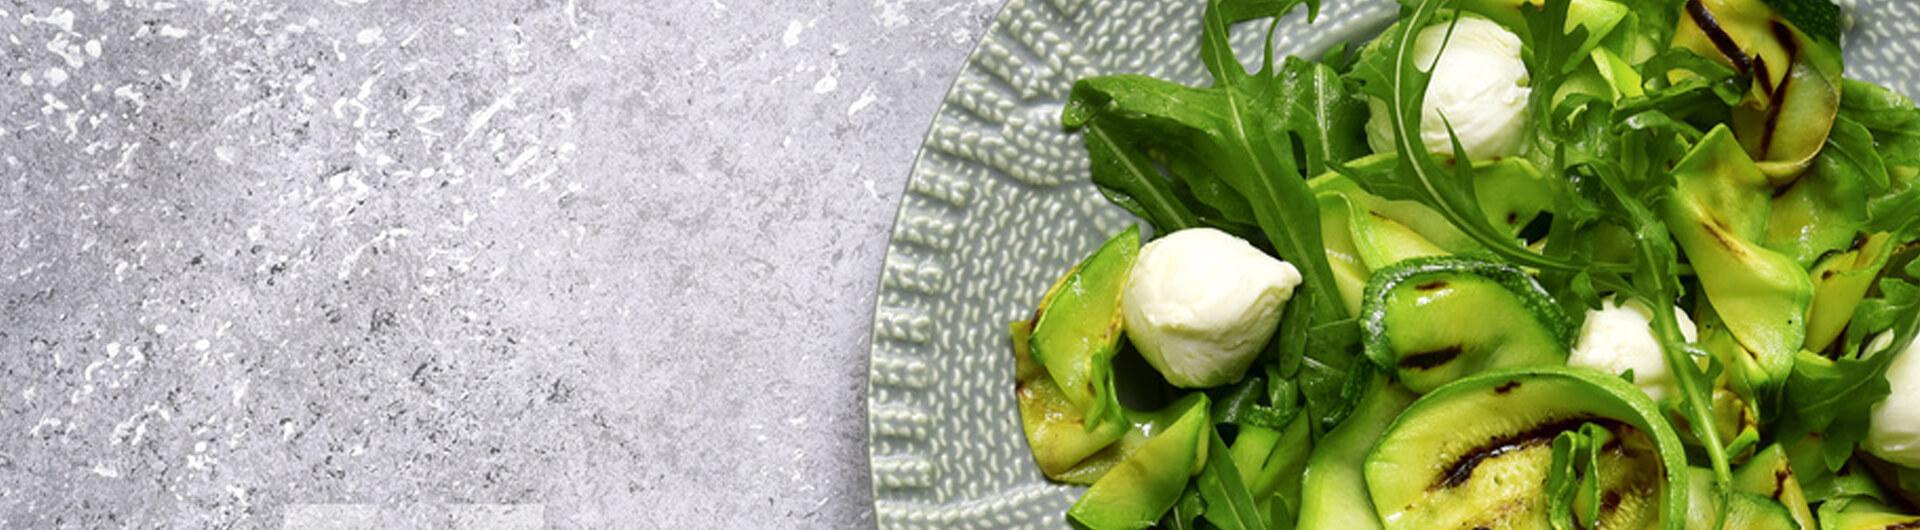 Ensalada de calabacin y perlas de mozzarella